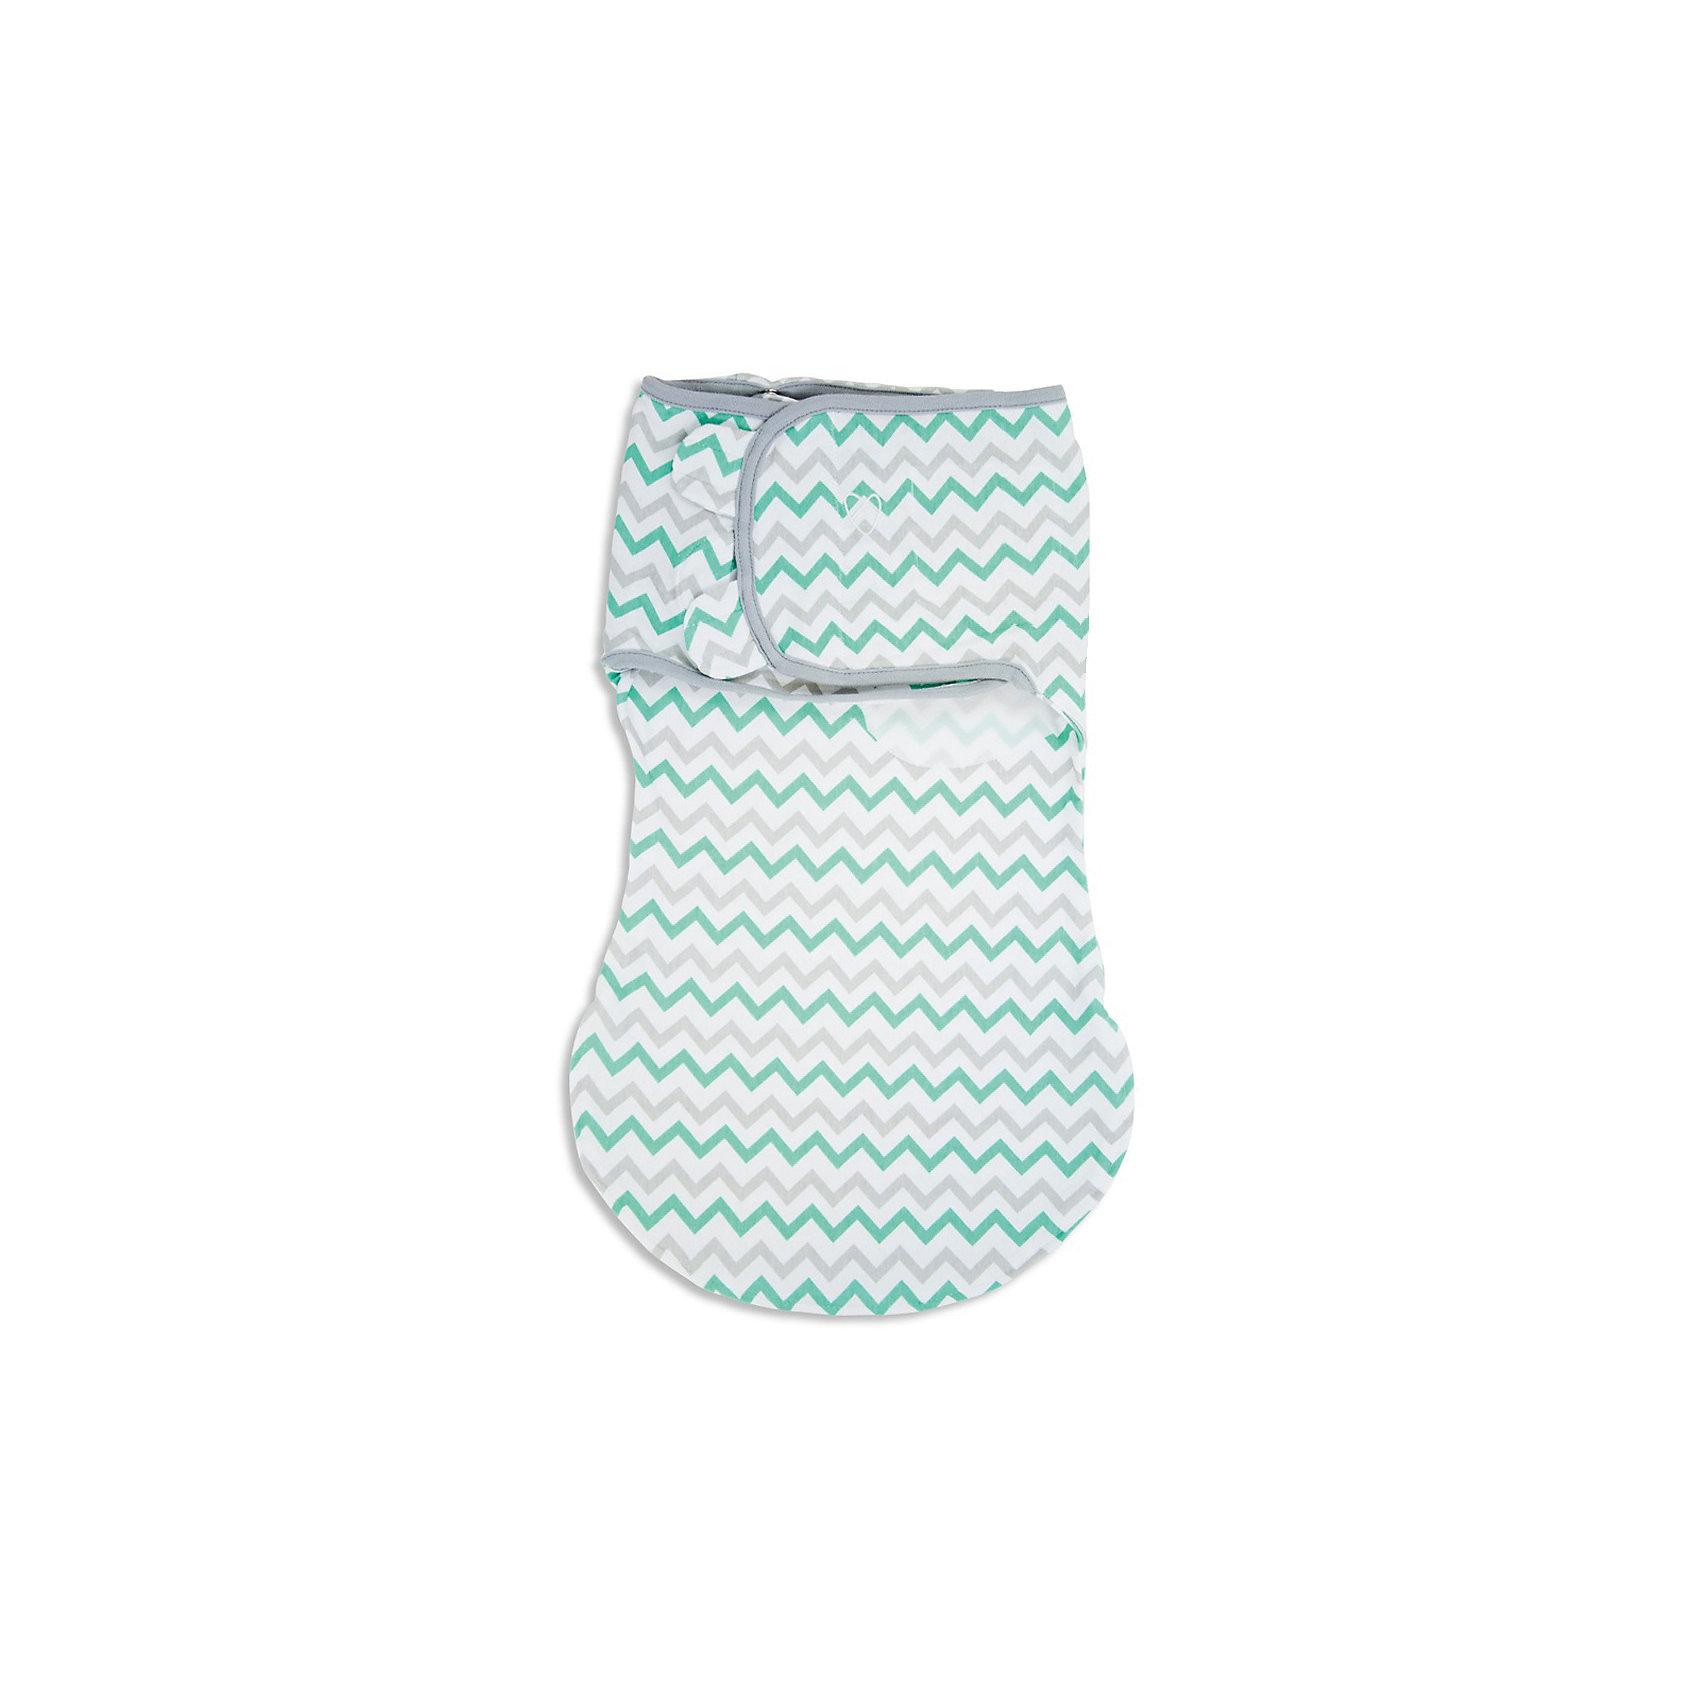 Конверт на липучке с двумя способами фиксации Wrap Sack®, размер L, Summer Infant, ЗигзагКонверт на липучке с двумя способами фиксации Wrap Sack®, размер L, Summer Infant (Саммер Инфант), Зигзаг.<br><br>Характеристики:<br><br>• можно оставить ручки свободными<br>• большое пространство для ножек <br>• изготовлен из мягкого хлопка<br>• обеспечивает комфортный сон<br>• можно поменять подгузник, не беспокоя ребенка<br>• материал: 100% хлопок<br>• размер: L<br>• для детей от 6 до 10 кг<br>• расцветка: зигзаг<br><br>Конверт на липучке Wrap Sack®, Summer Infant нежно укутает малыша и защитит от пробуждения при случайных вздрагиваниях ручек и ножек. Мягкий хлопок приятен телу и не вызывает раздражения на нежной коже ребенка. Молния позволяет расстегнуть конверт снизу и поменять подгузник, не беспокоя при этом кроху. Крылья конверта регулируются в соответствии с ростом ребенка.<br><br>Конверт на липучке с двумя способами фиксации Wrap Sack®, размер L, Summer Infant (Саммер Инфант), Зигзаг можно купить в нашем интернет-магазине.<br><br>Ширина мм: 30<br>Глубина мм: 200<br>Высота мм: 250<br>Вес г: 300<br>Возраст от месяцев: 3<br>Возраст до месяцев: 9<br>Пол: Унисекс<br>Возраст: Детский<br>SKU: 5089936